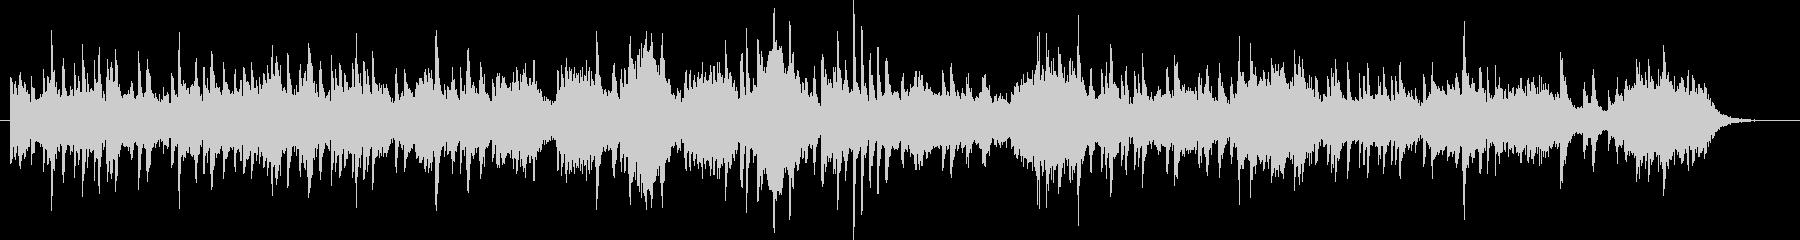 ピアノソロとSEの切ない曲の未再生の波形